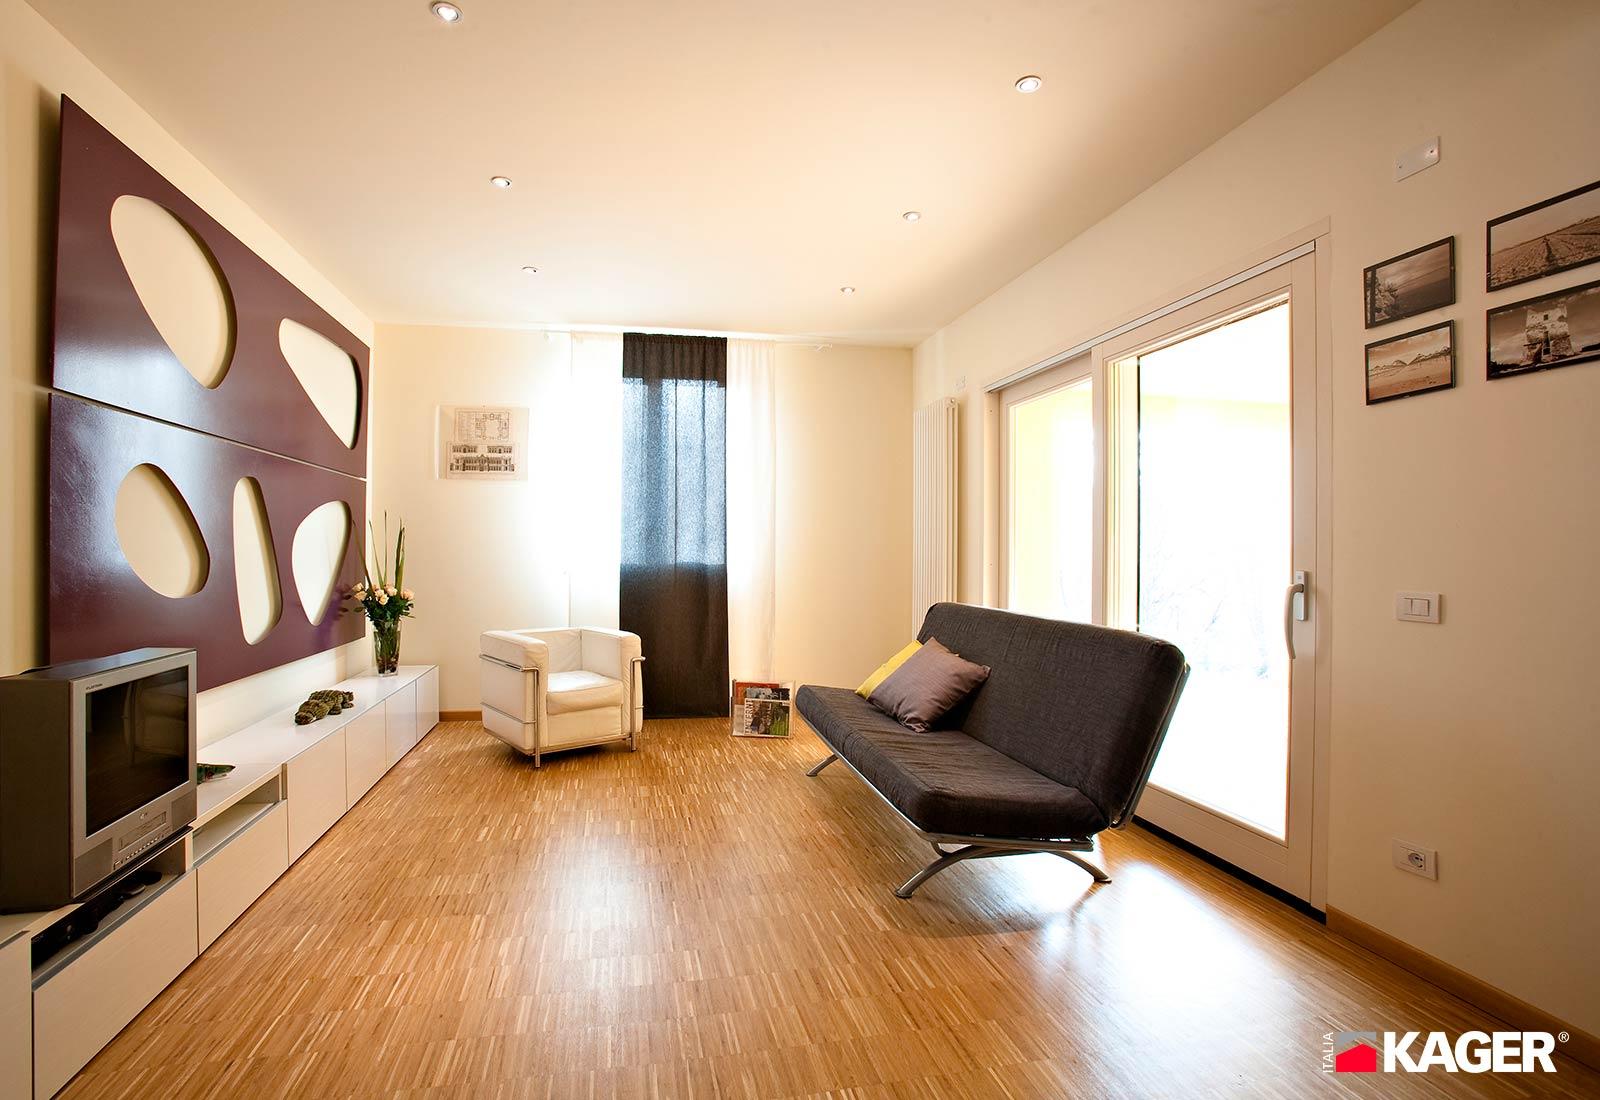 Casa-in-legno-Parma-sopraelevazione-Kager-Italia-10